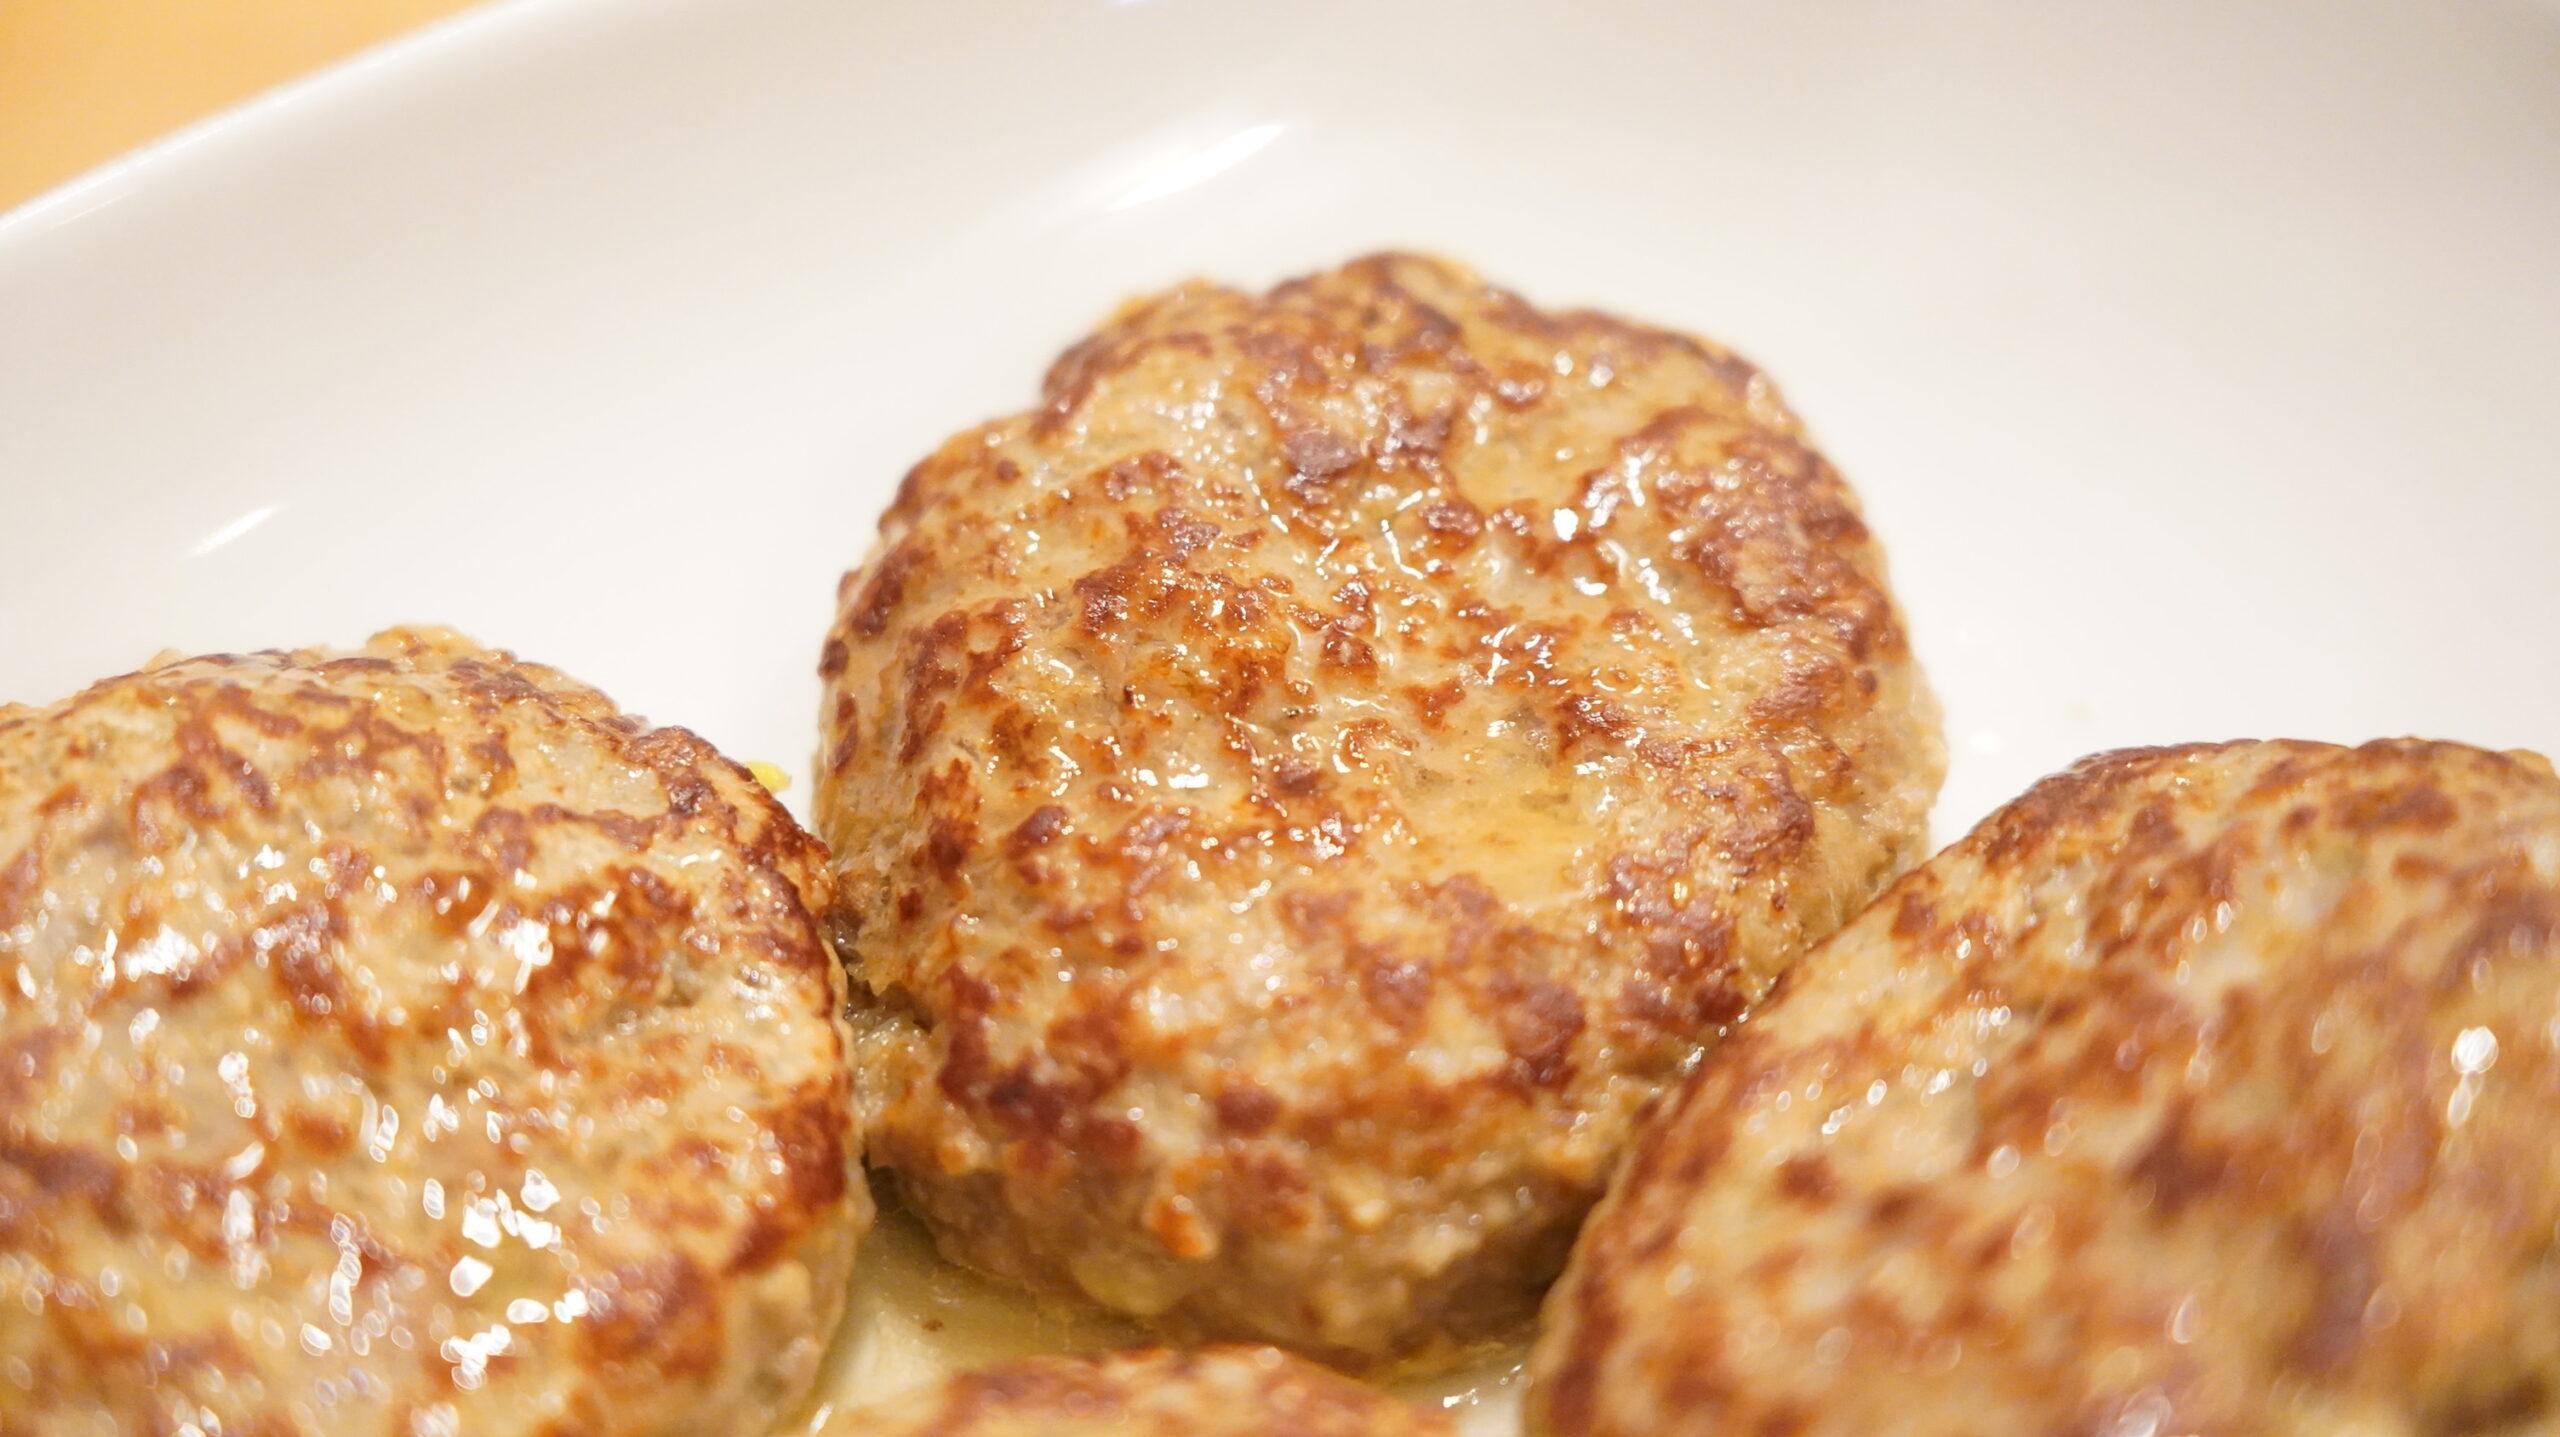 生協宅配の冷凍食品「肉汁じゅわっとハンバーグ」の拡大写真